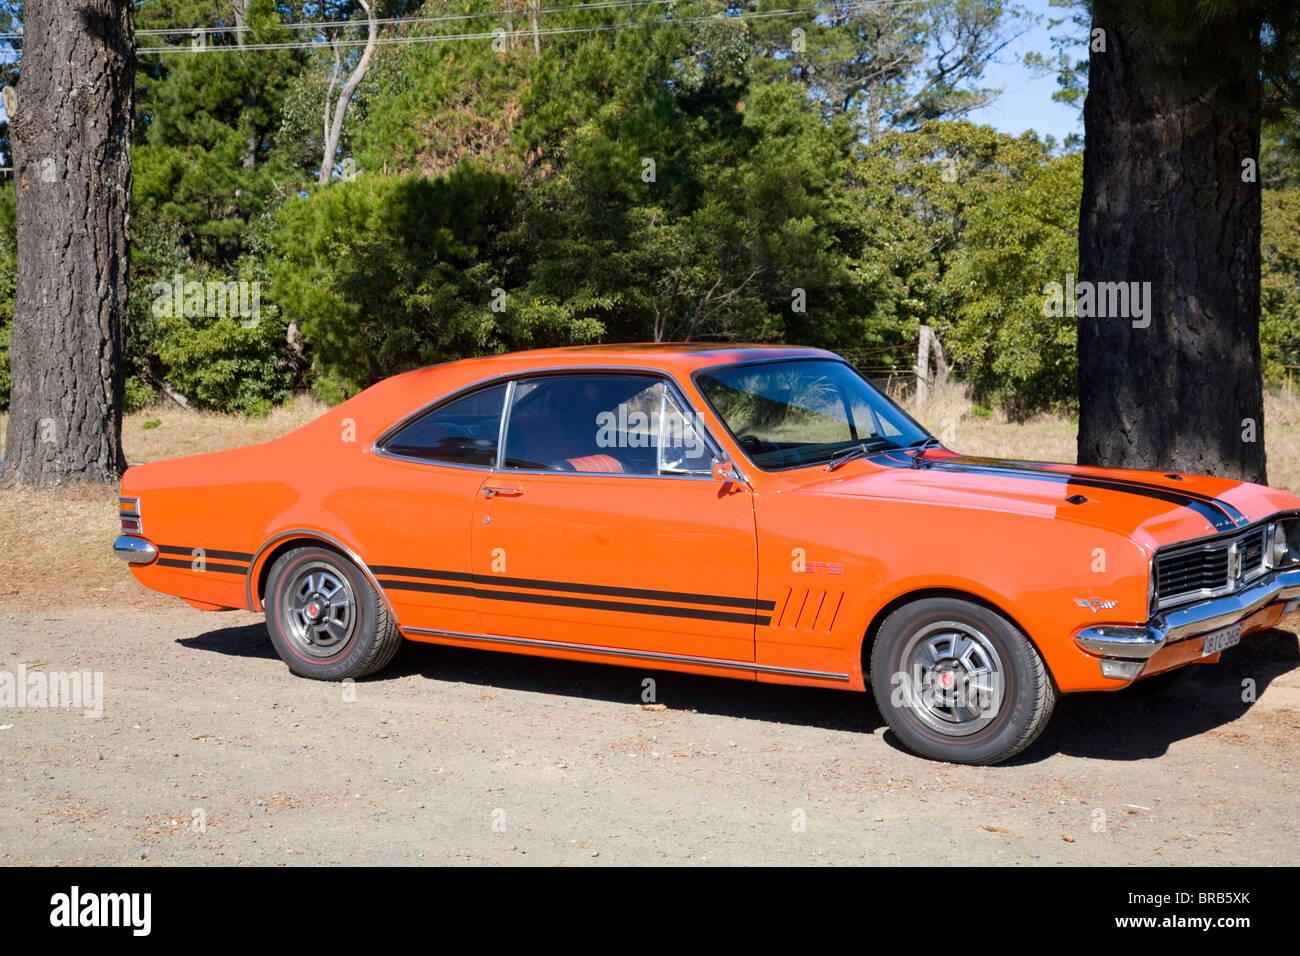 2 door classic aussie muscle car the holden monaro gts - Stock Photo & 2 door classic aussie muscle car the holden monaro gts Stock Photo ...